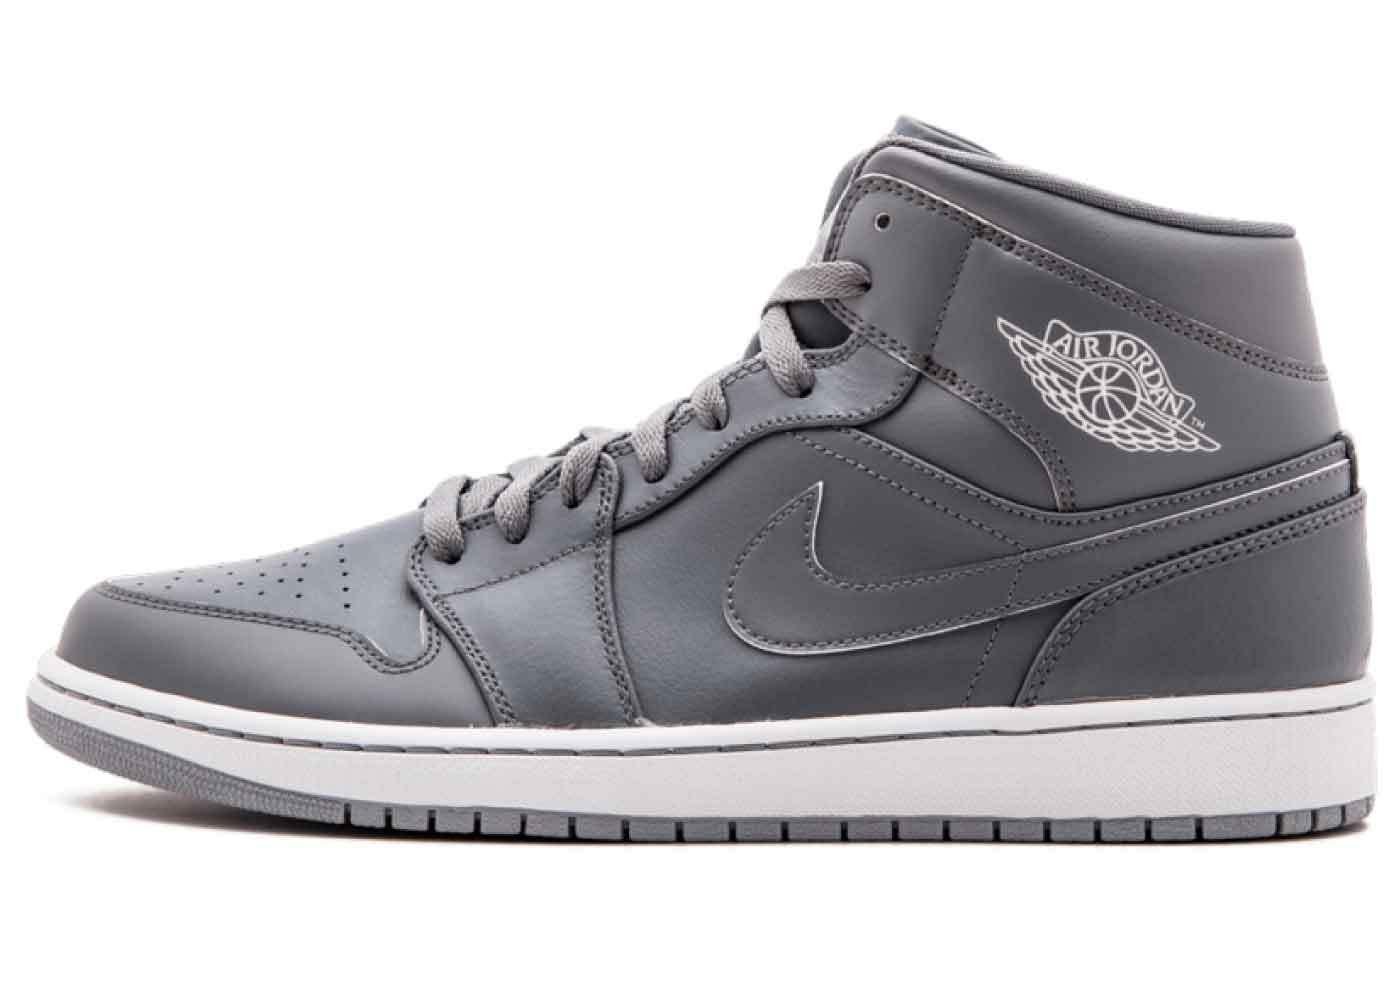 Nike Air Jordan 1 Retro Mid Cool Grey (2015)の写真